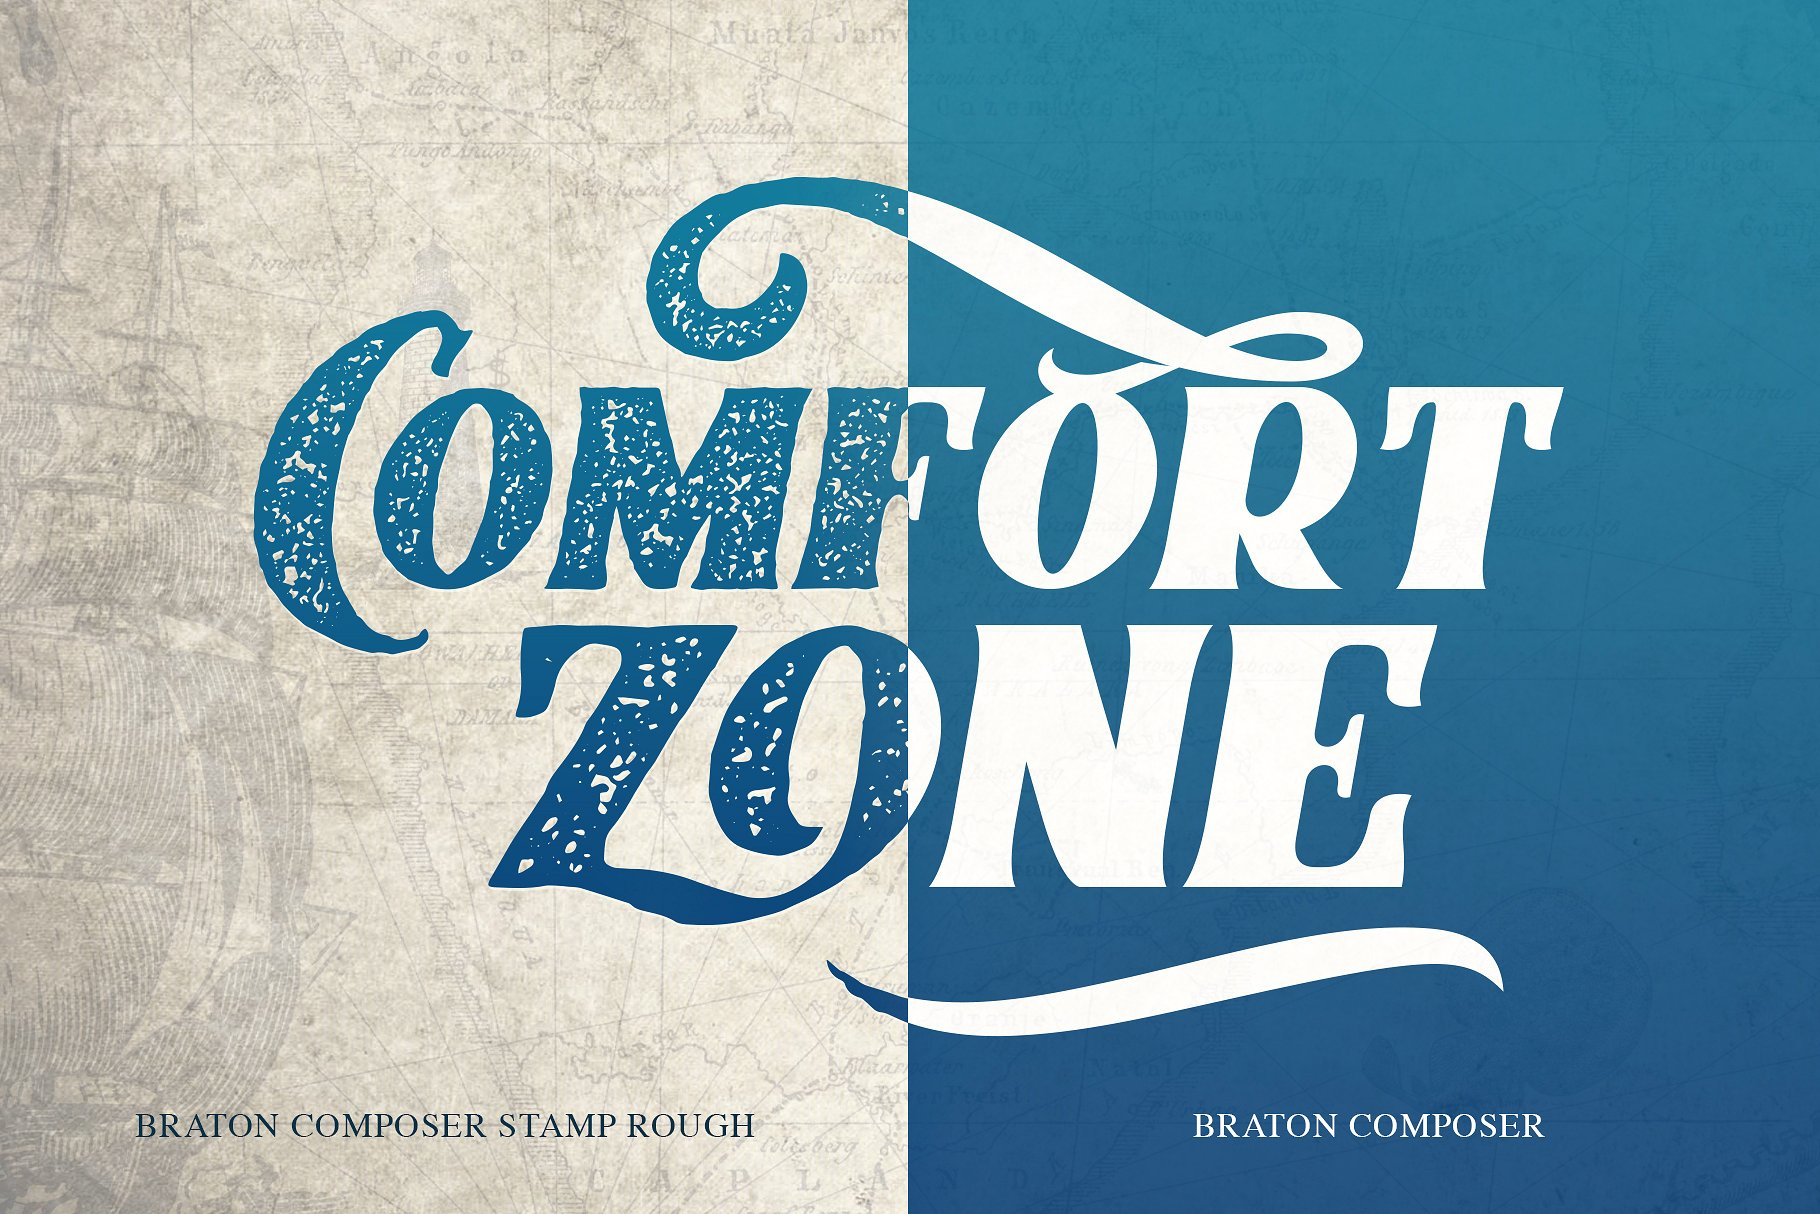 优雅的手绘字体合集 Braton Composer Typeface设计素材模板